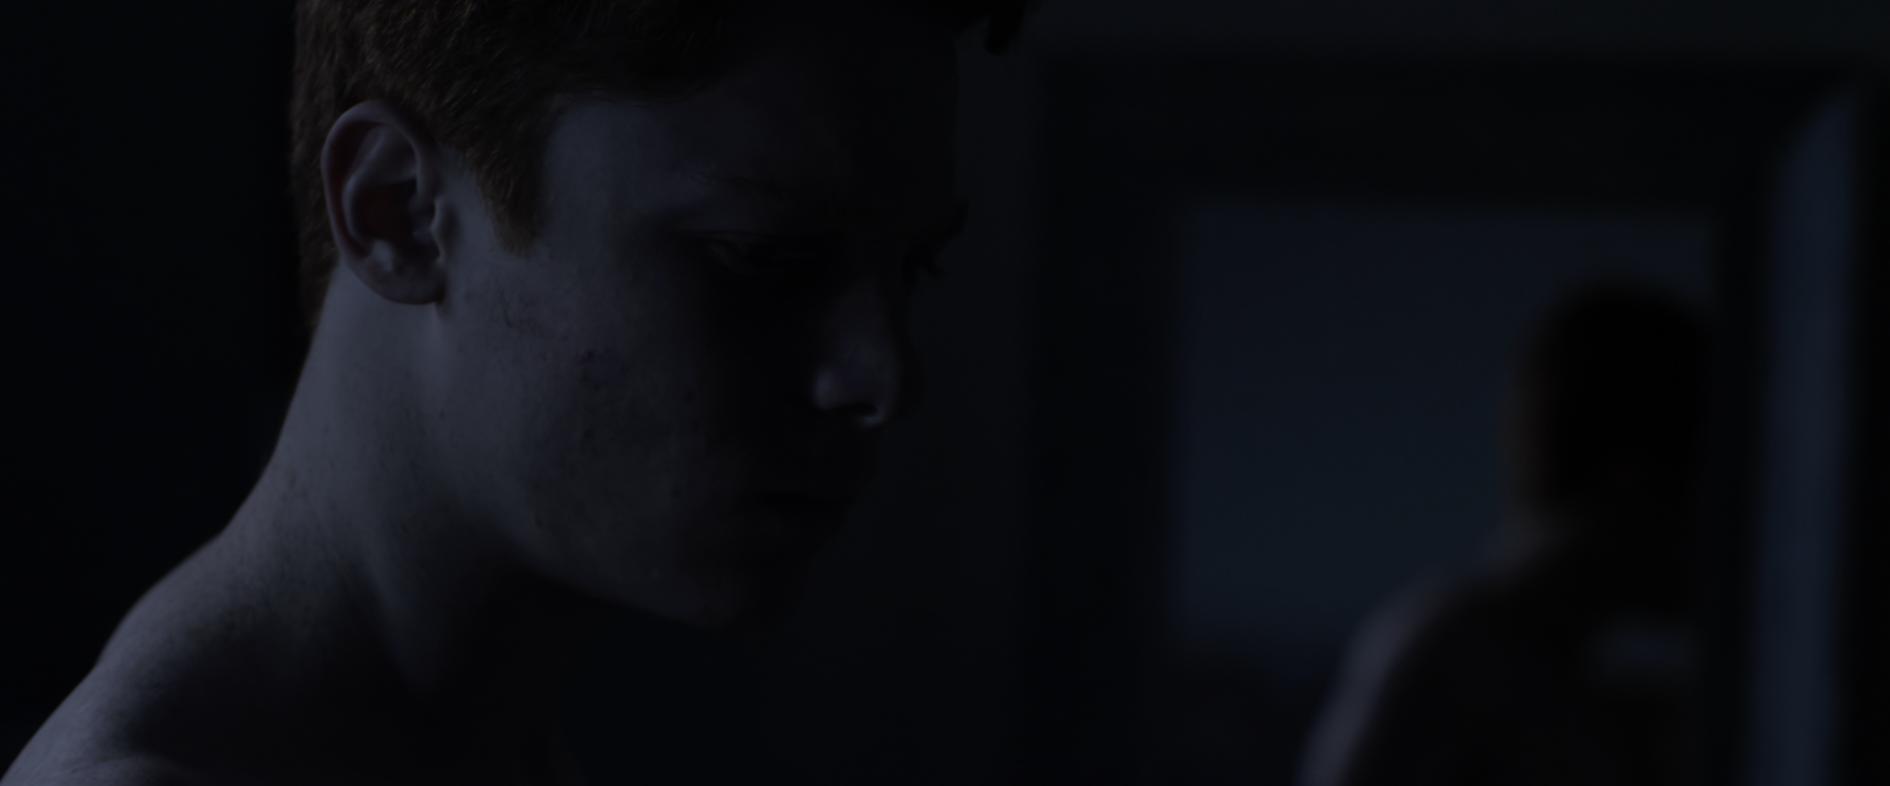 Screen Shot 2015-12-02 at 4.06.40 PM.png